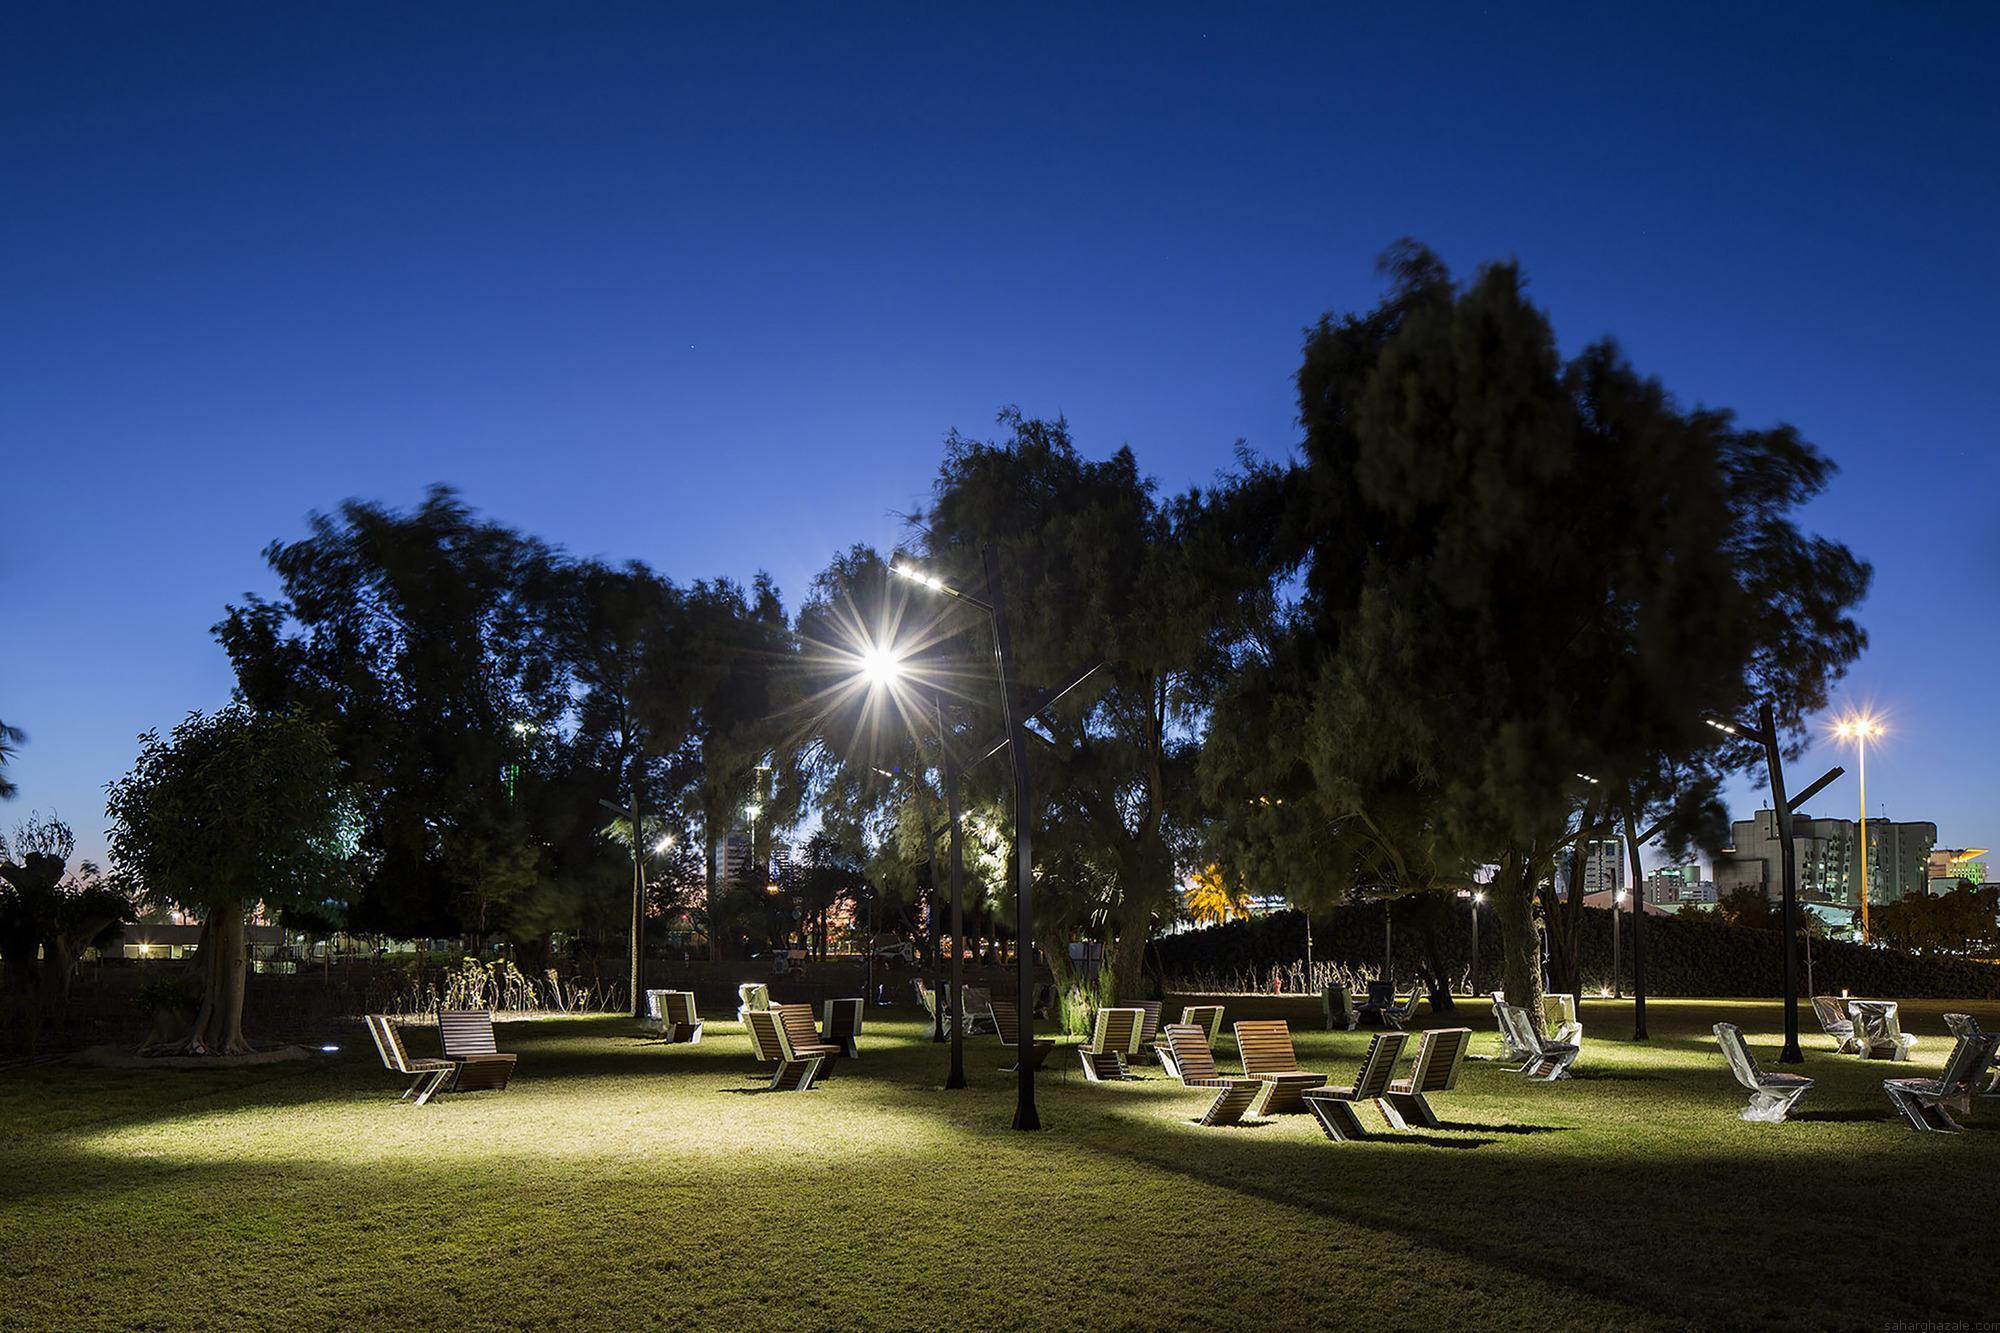 54ffb417e58ece792b00005e_al-shaheed-park-ricardo-camacho-_ricardo_camacho_al_shaeed_park_kuwait_010215_0631